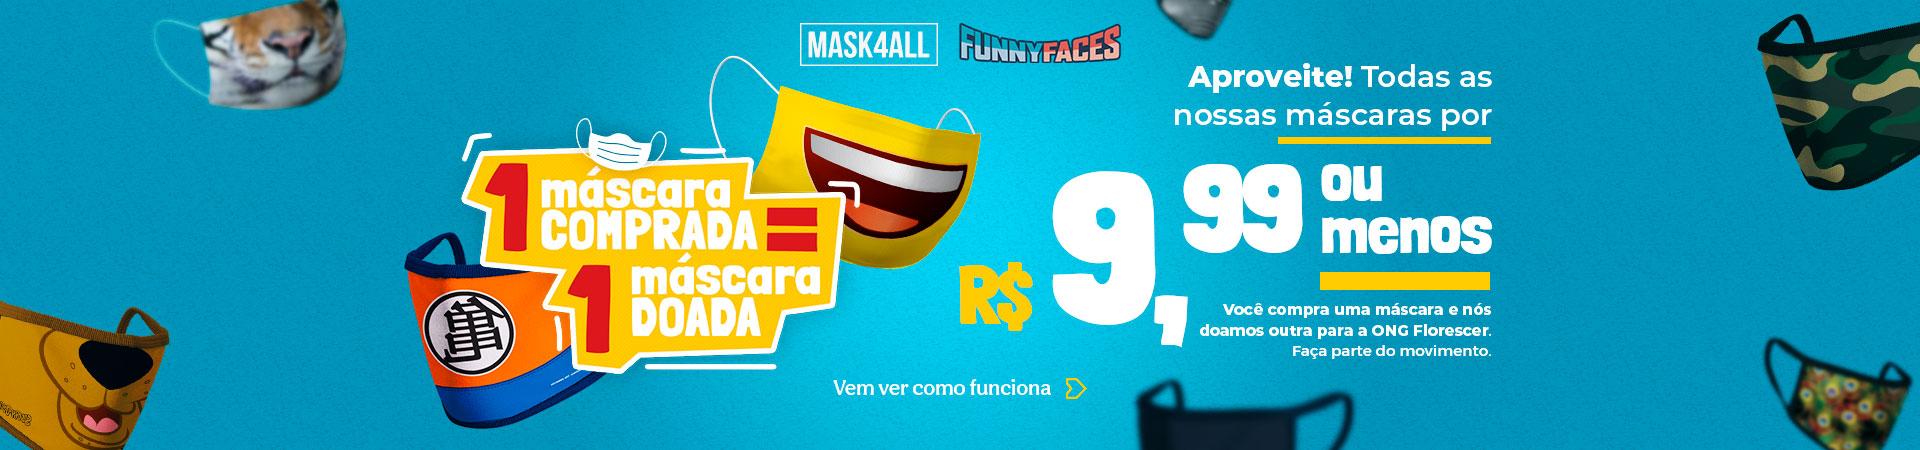 Mask4all - Desconto